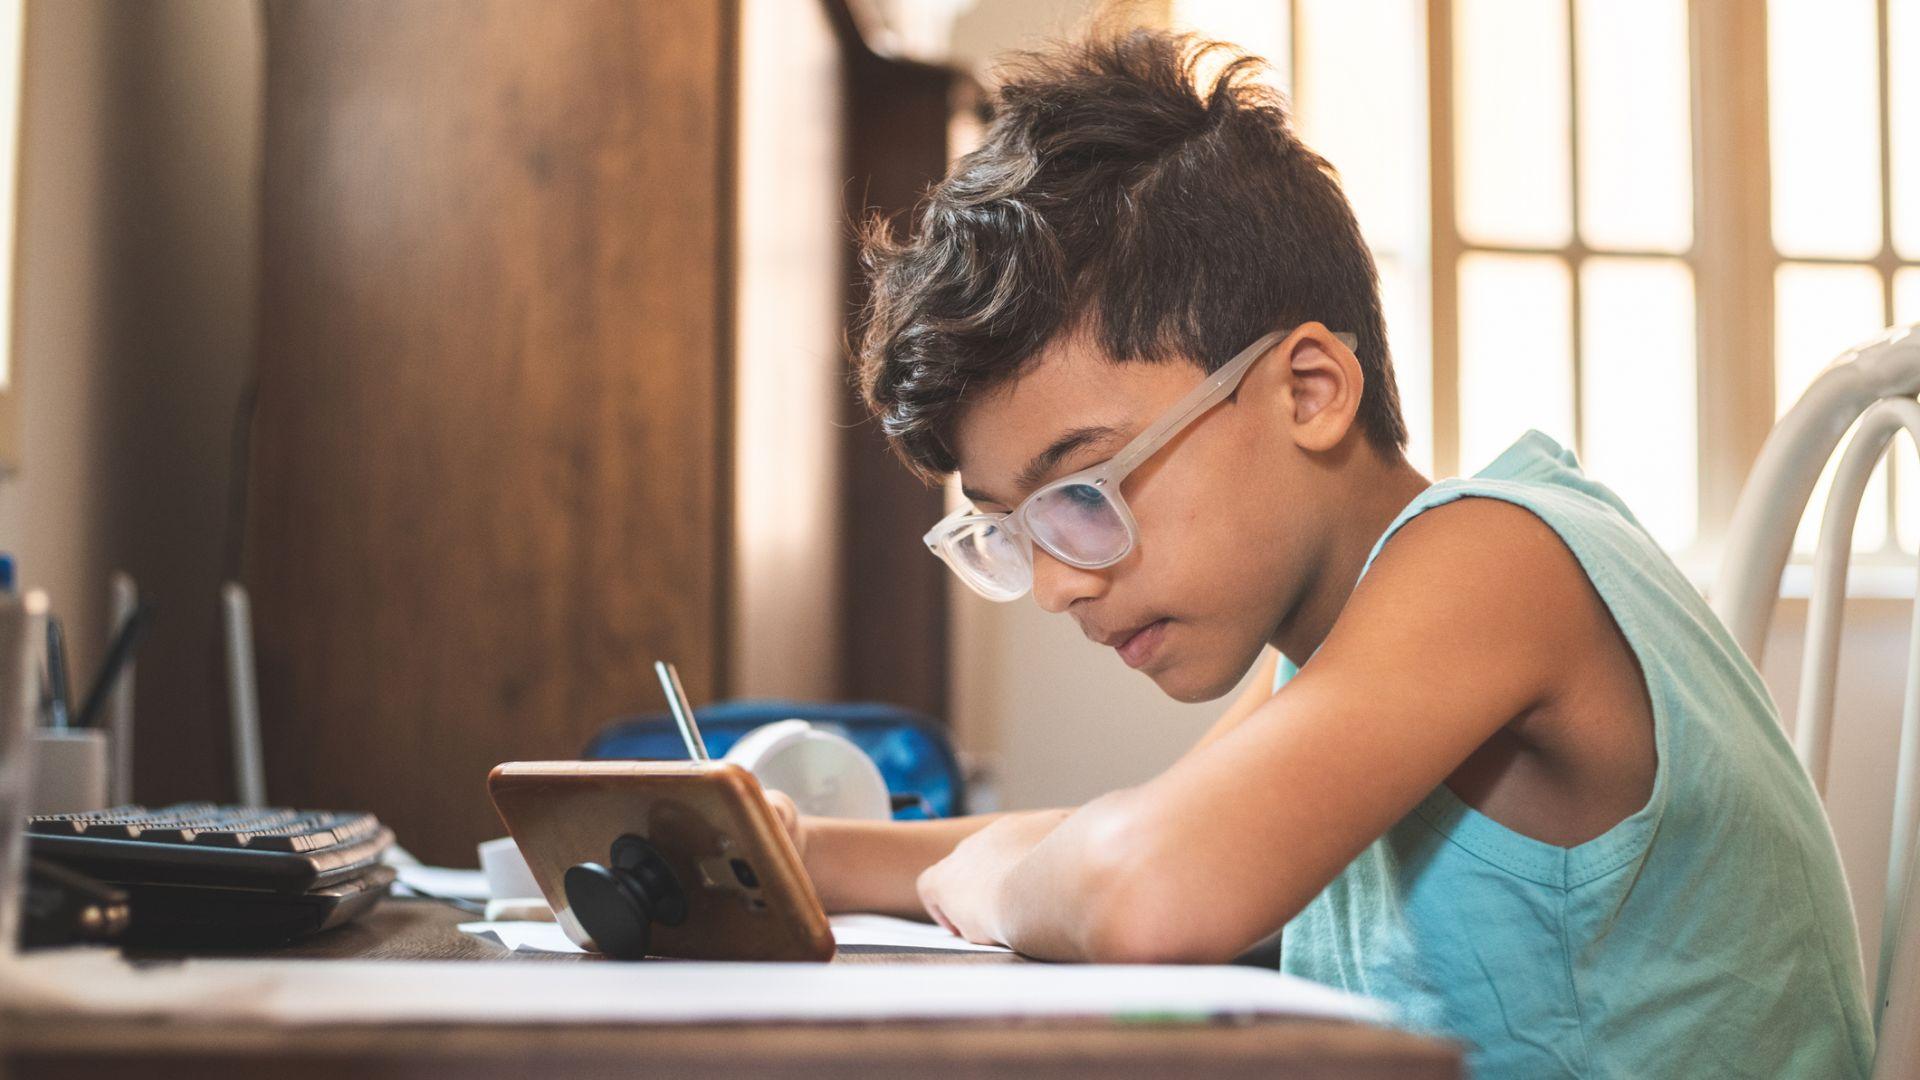 Смартфонът може да се използва и с образователни цели